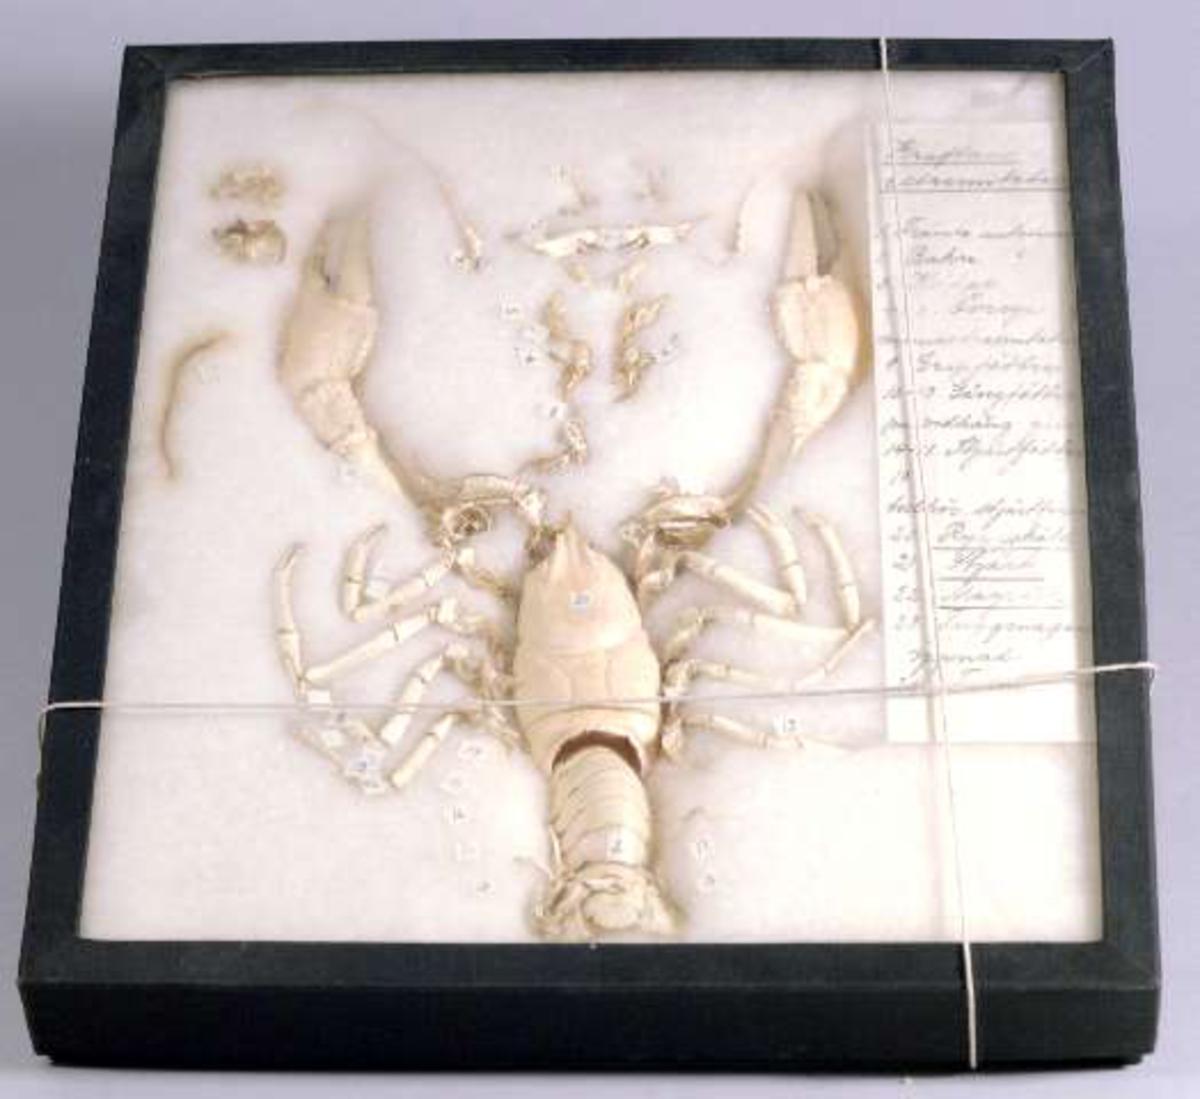 Zoologiskt studiematerial. Konserverad kräfta på bomullsbädd. Medföljande text: Kräftans extremiteter. Numrerade och namngivna anatomiska detaljer.